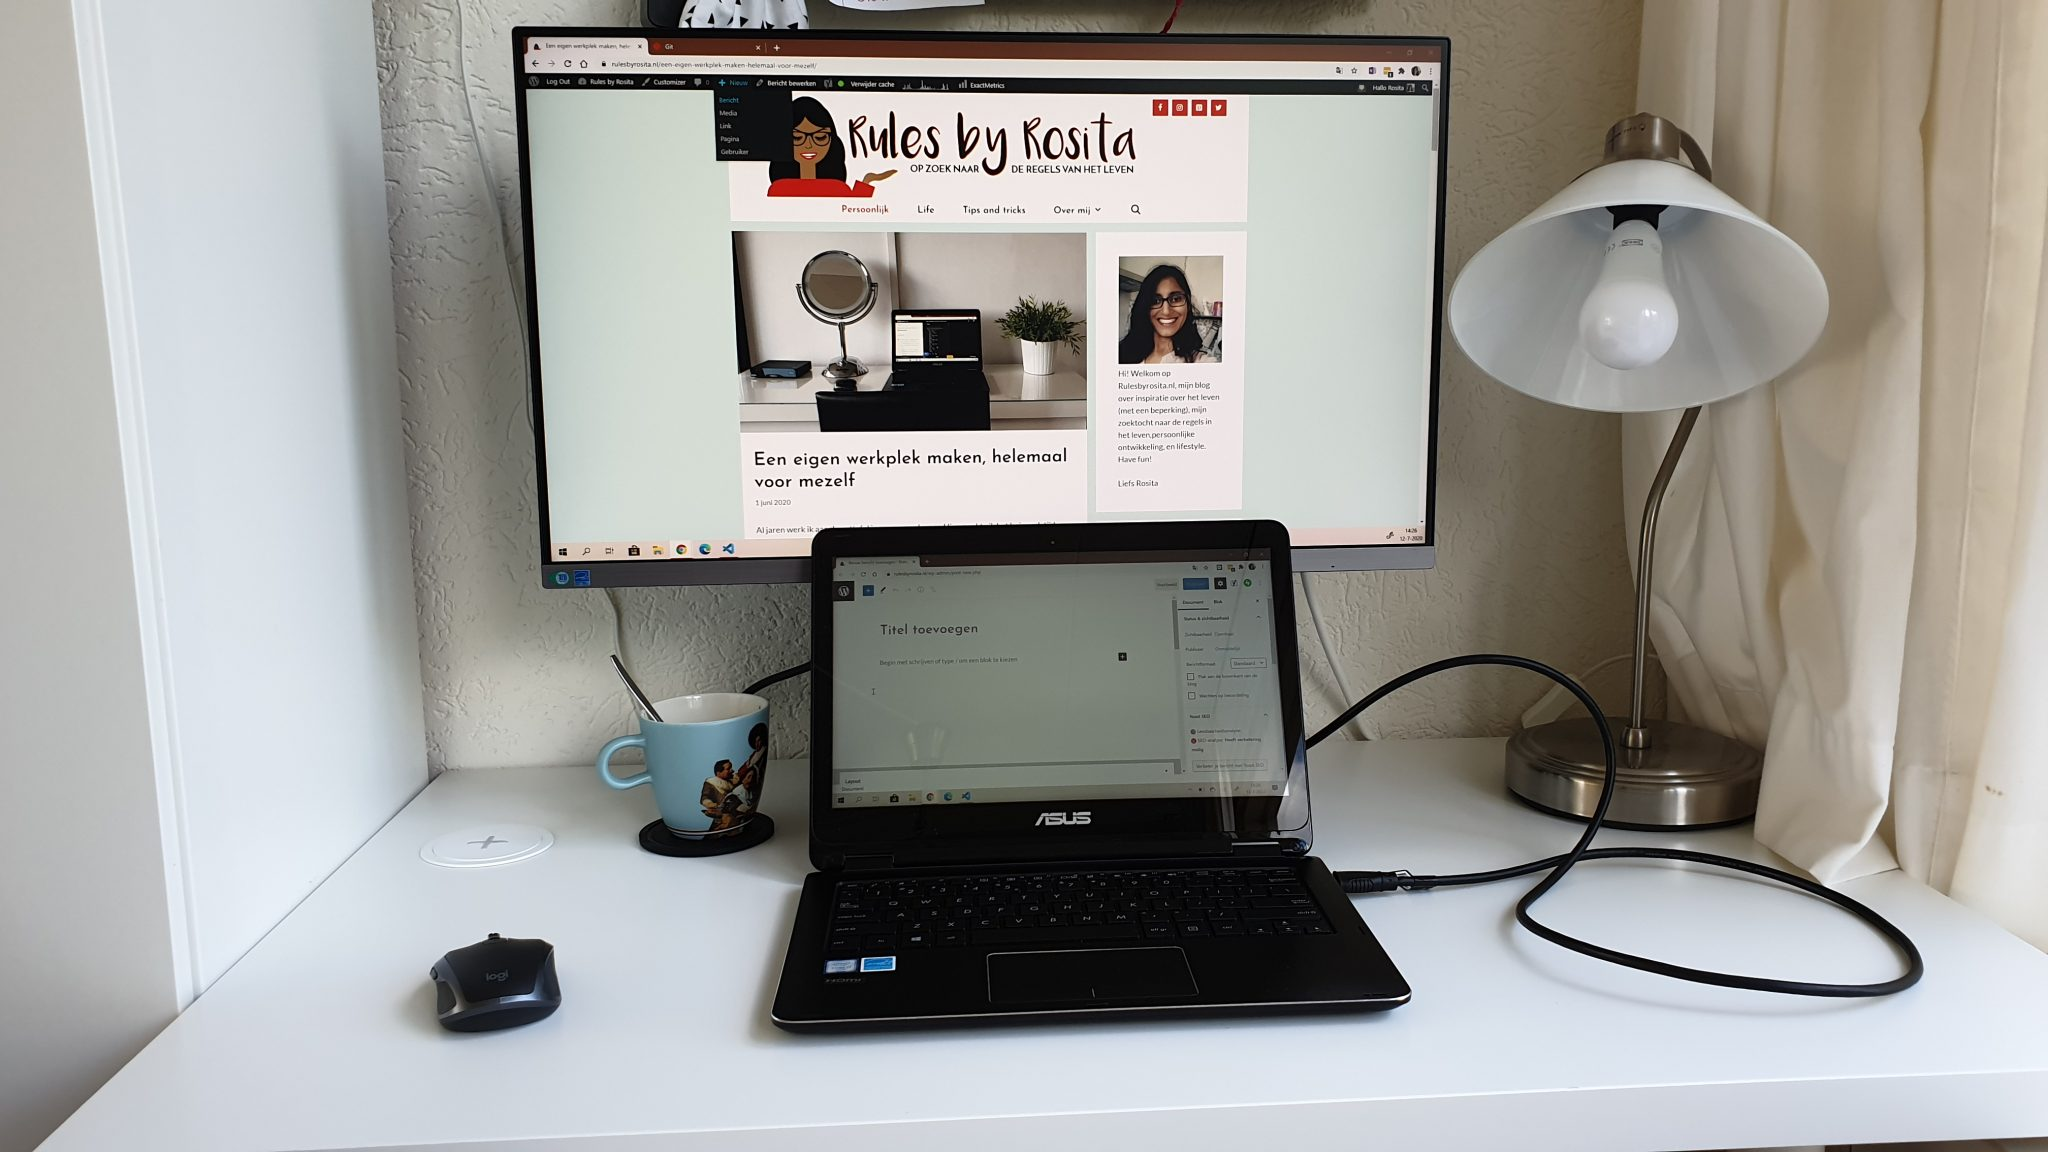 De monitor en de laptop aan. Prutsen